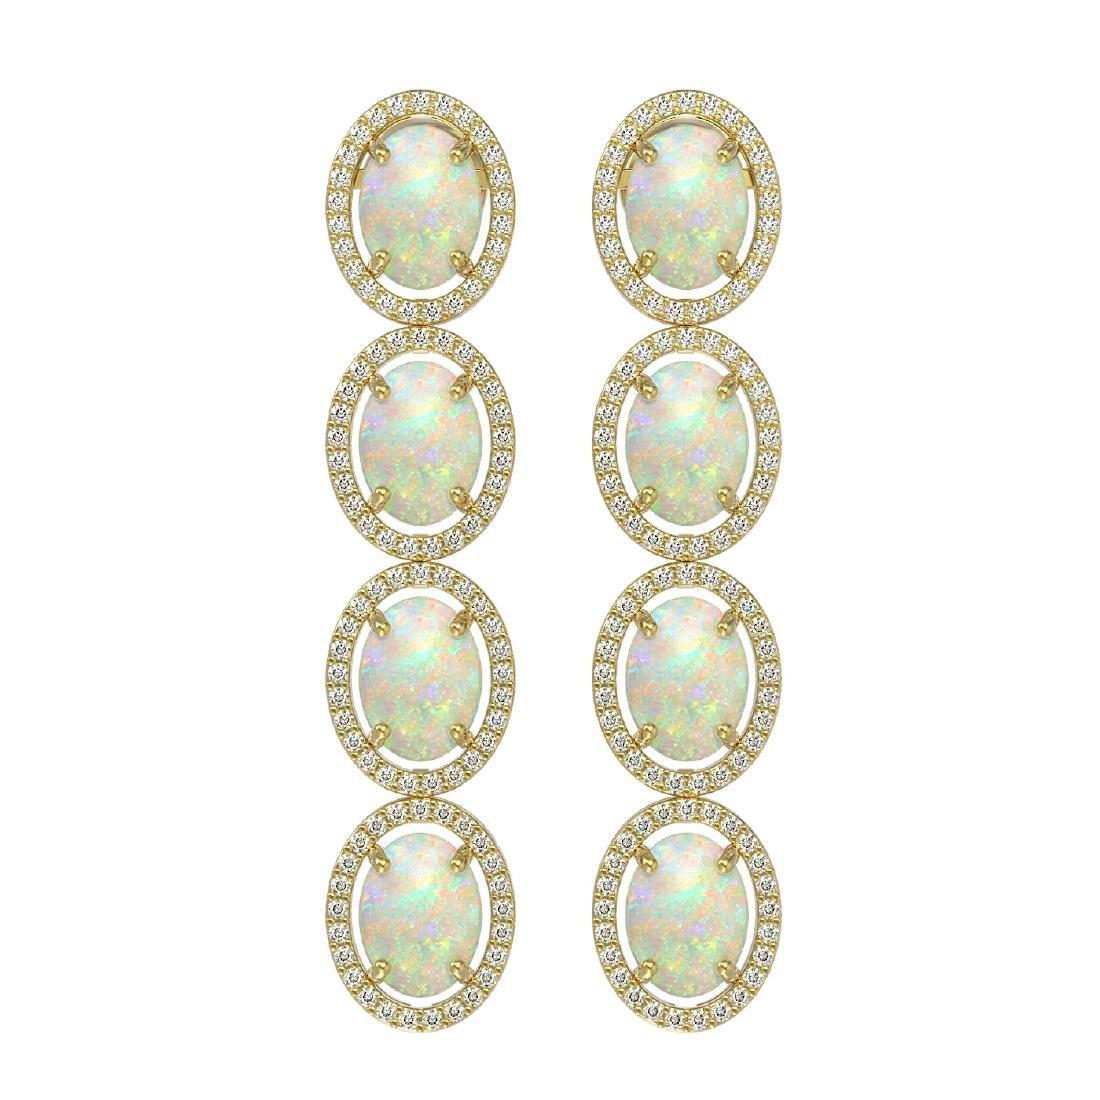 9.16 CTW Opal & Diamond Halo Earrings 10K Yellow Gold